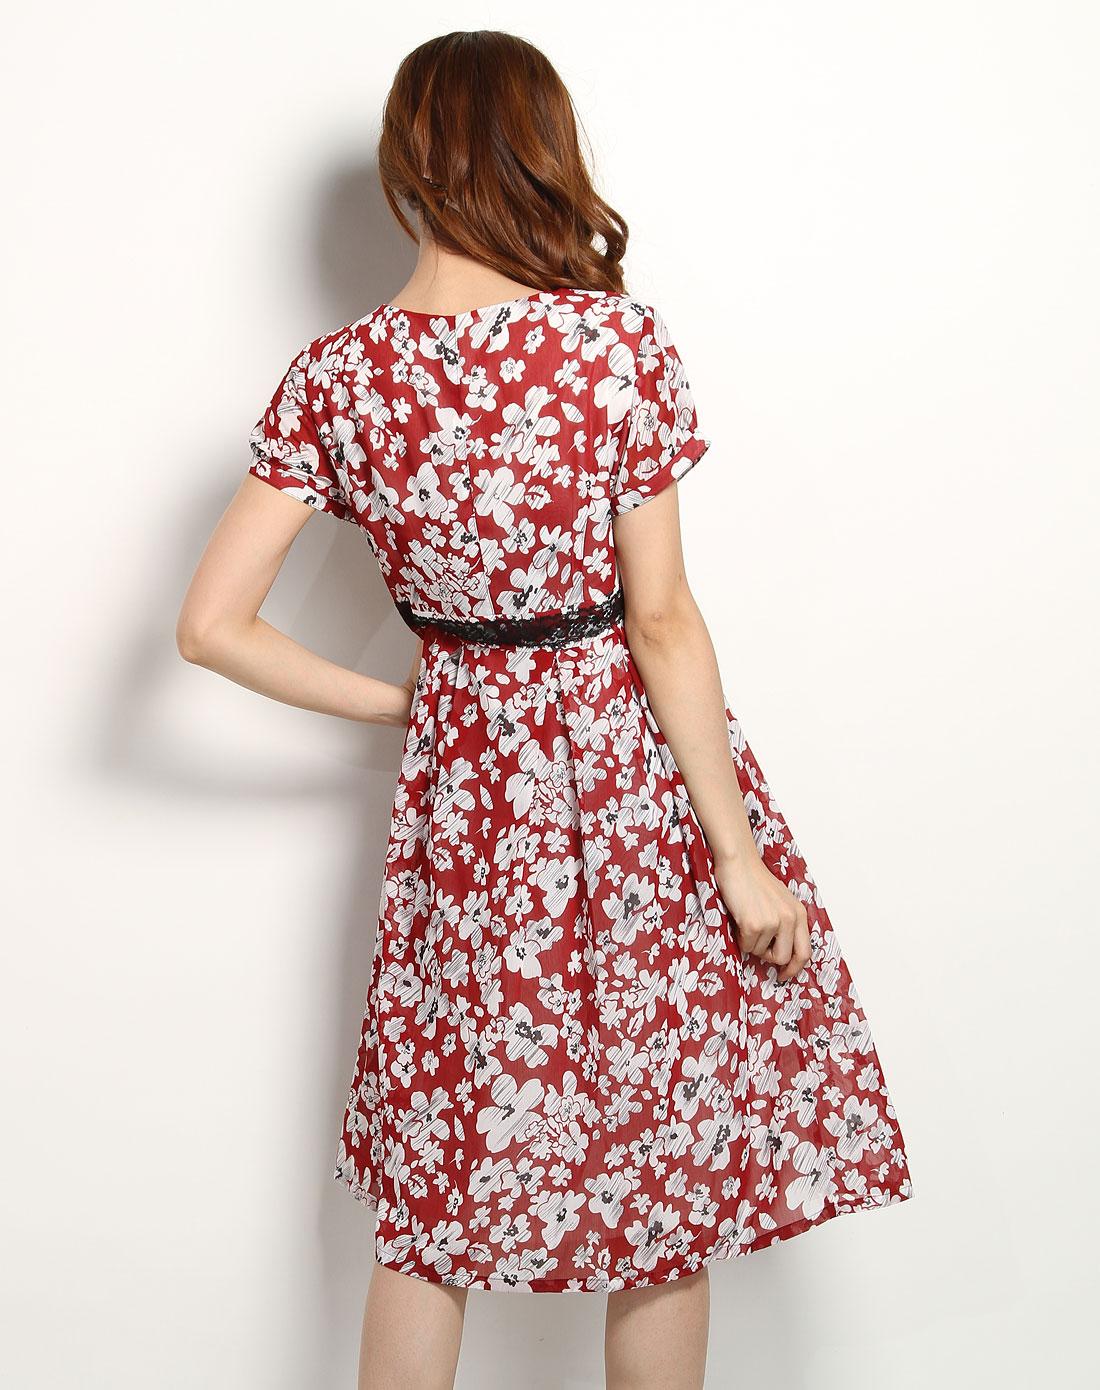 玖姿juzui深红/白色时尚花纹短袖连衣裙8755429155